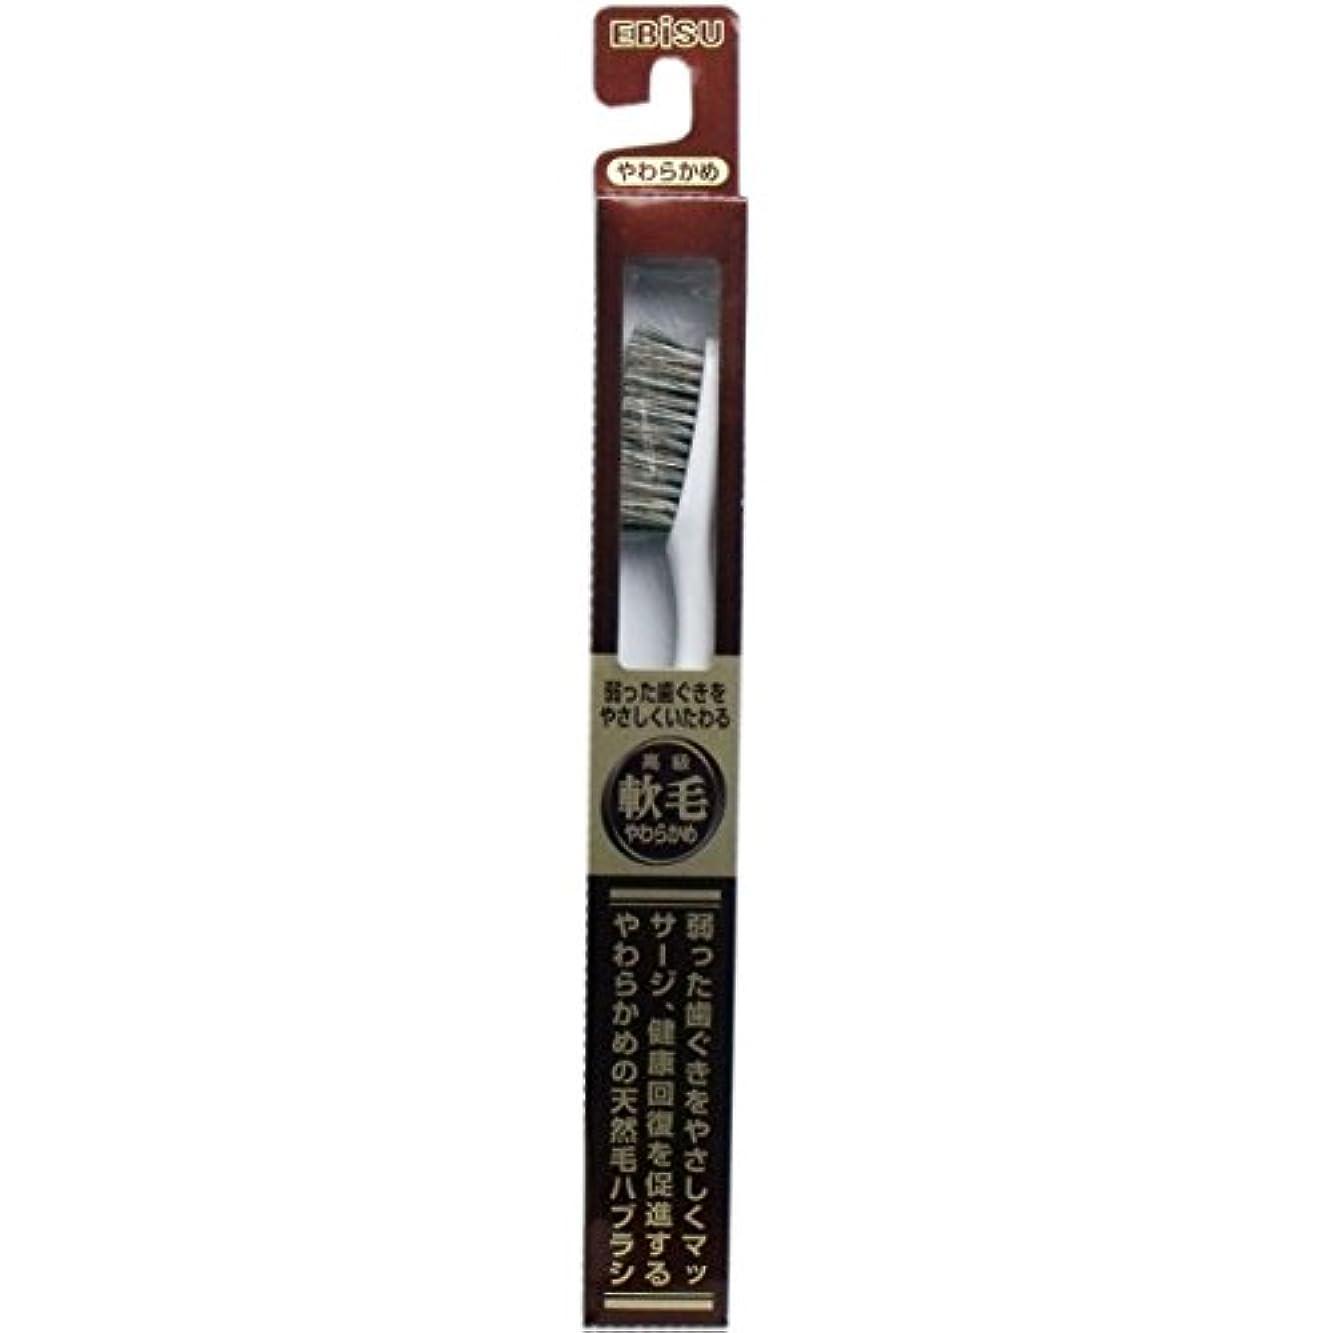 プラットフォーム引数領事館【エビス】天然毛軟毛歯ブラシ 500 やわらかめ 1本 ×10個セット